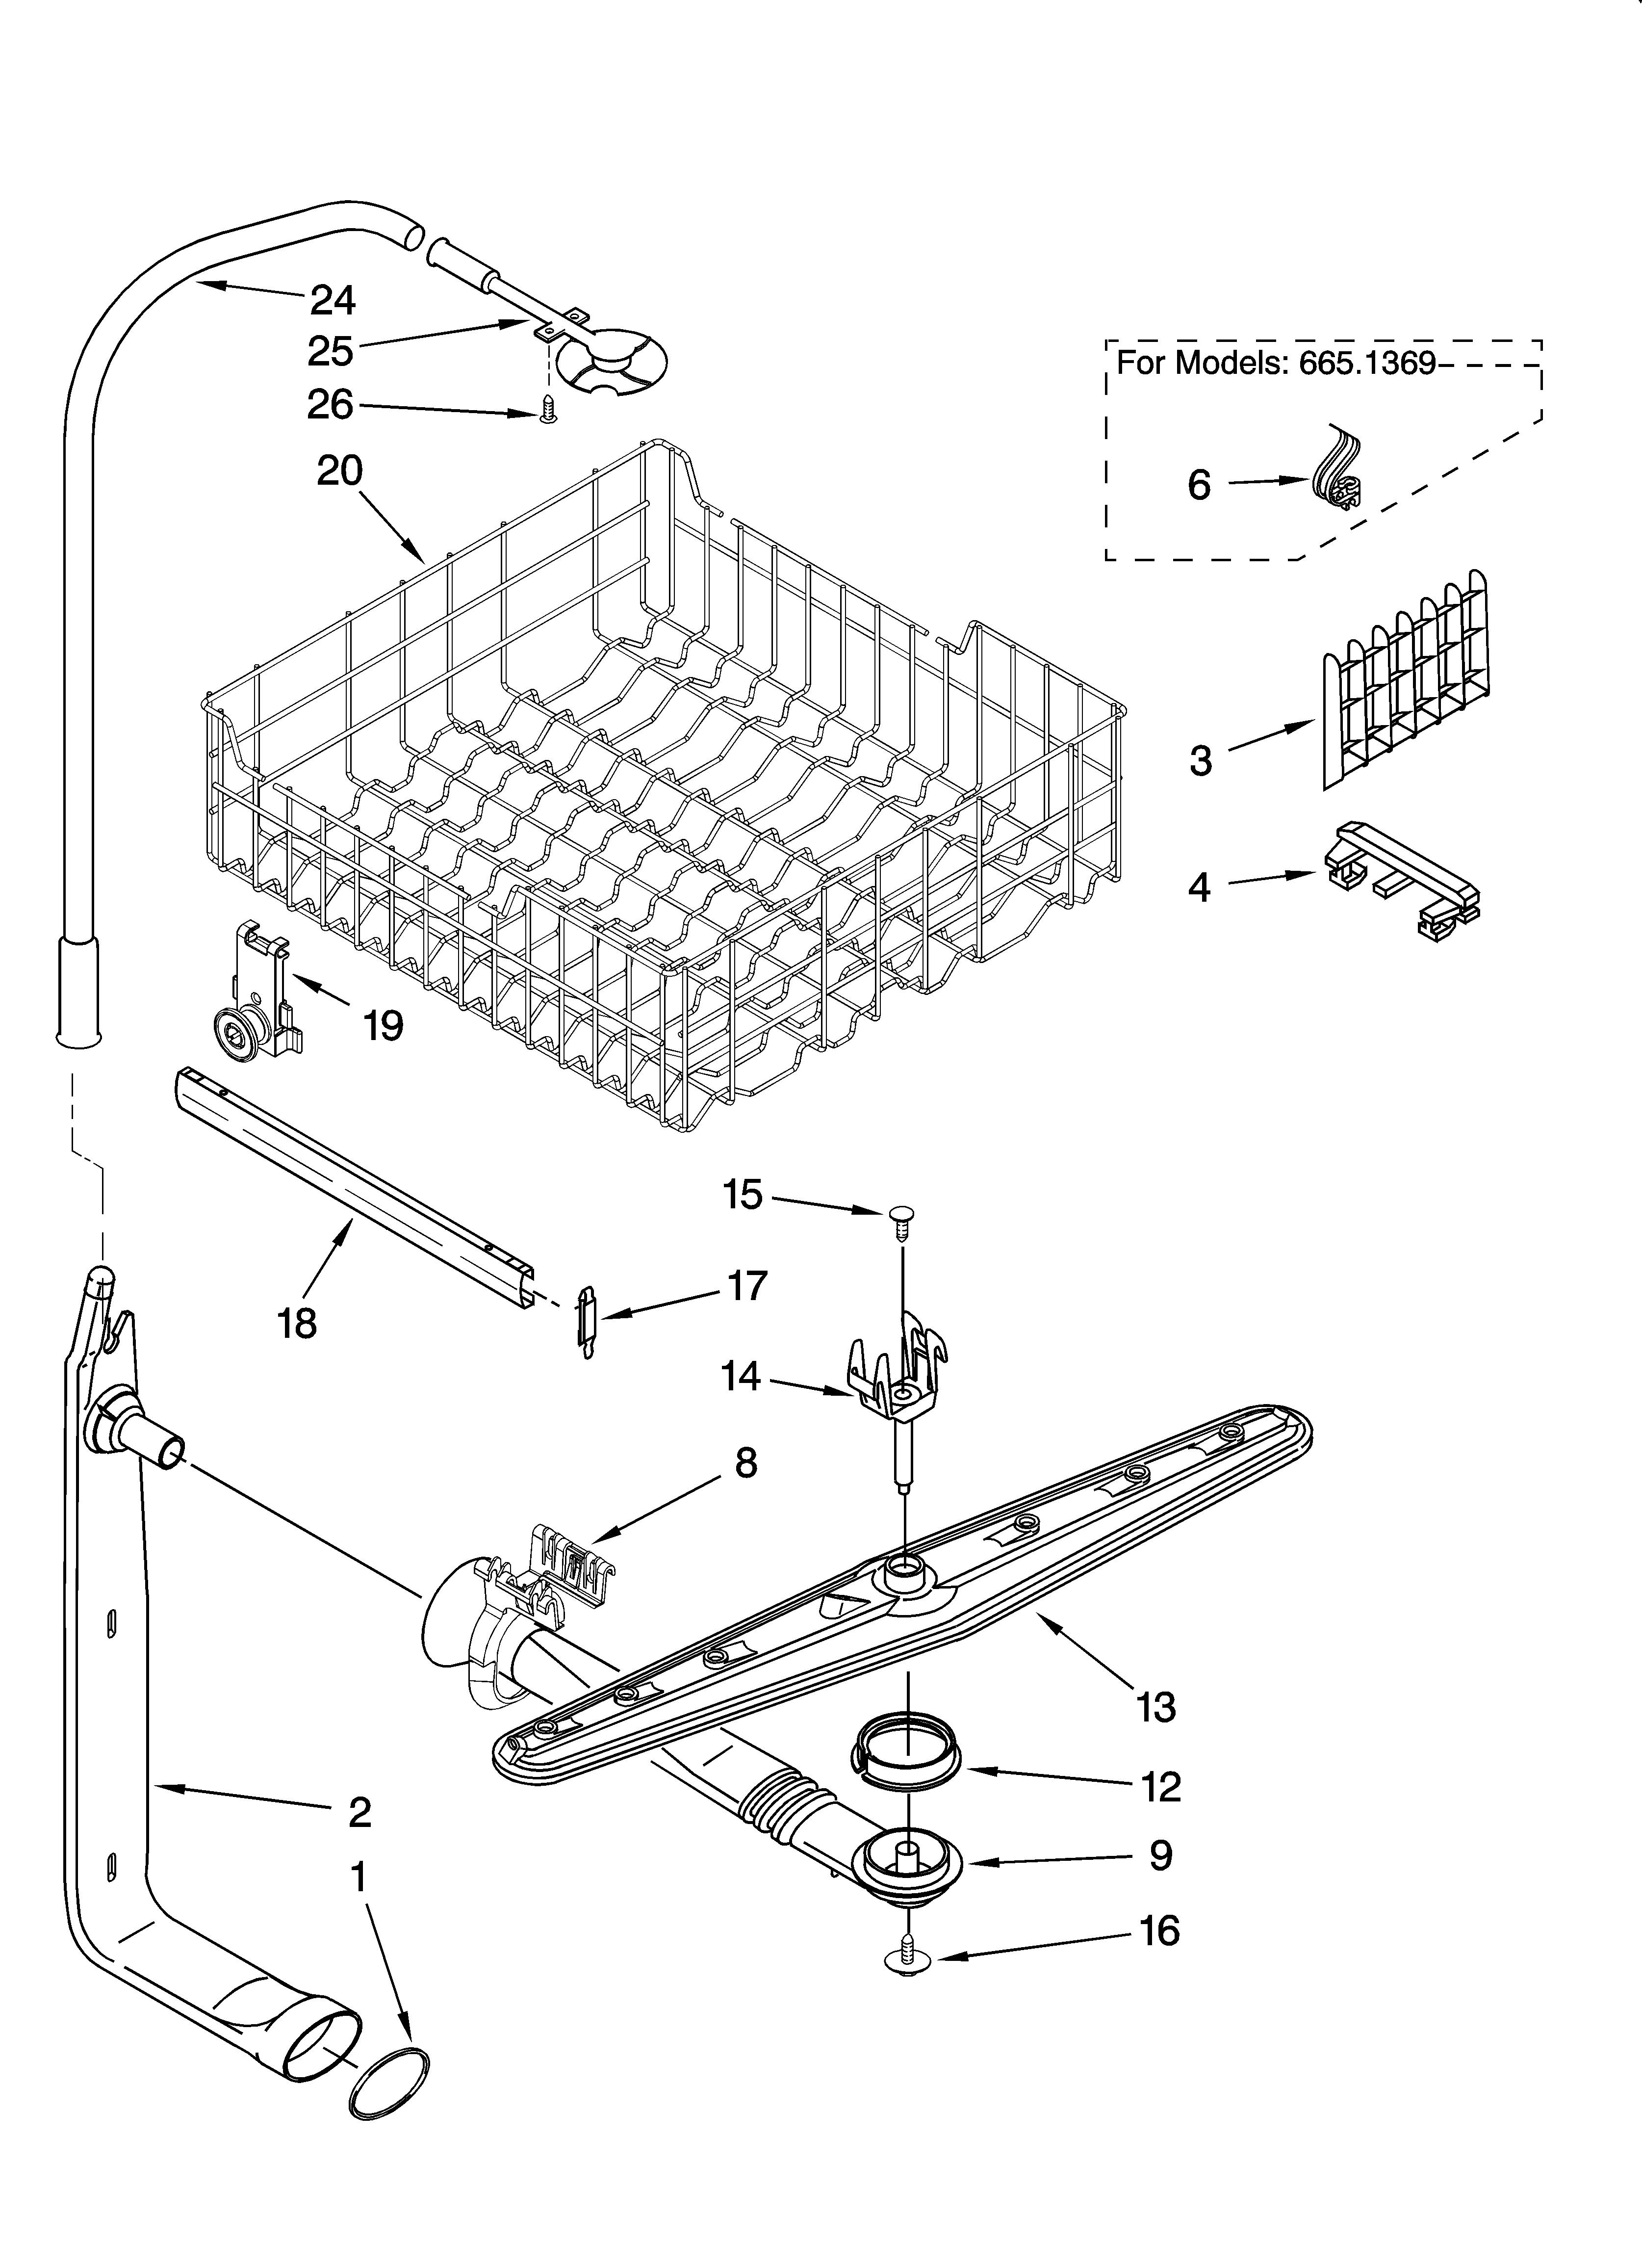 Dishwashers: Kenmore Ultra Wash Dishwasher Parts